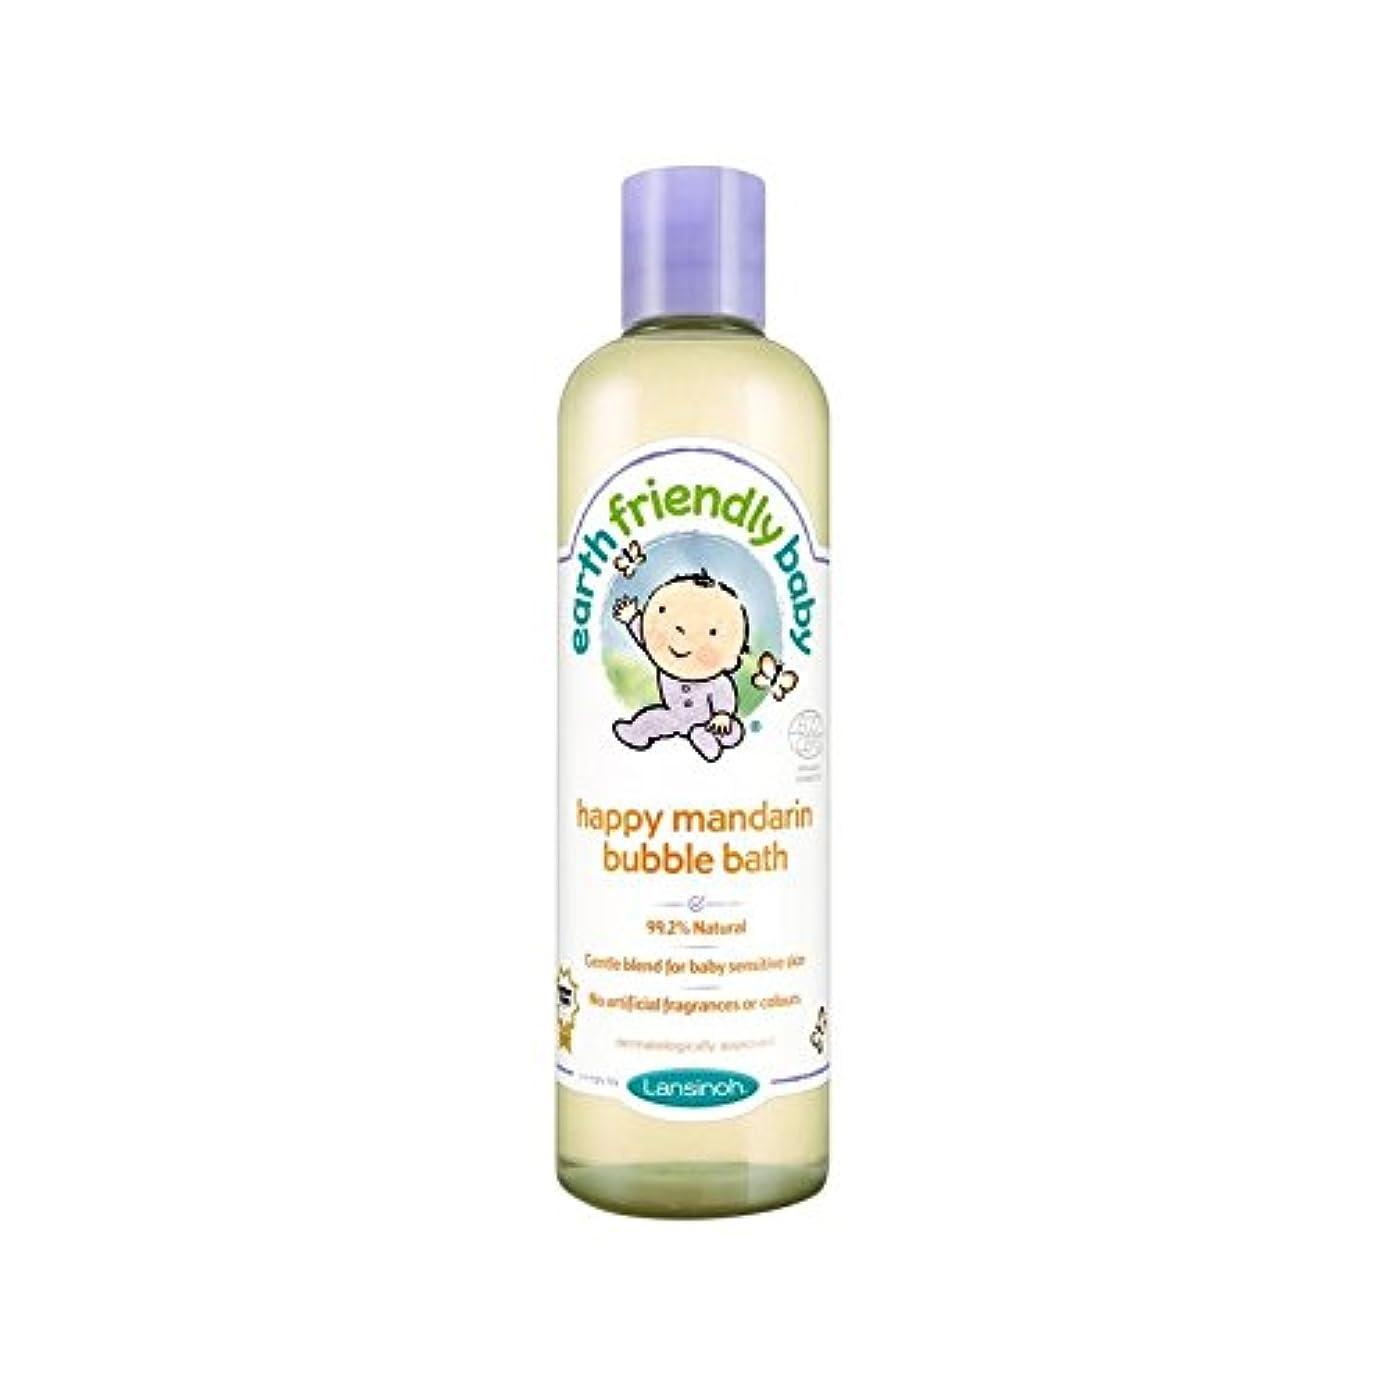 散文願望六赤ちゃん幸せなマンダリン泡風呂のエコサートの300ミリリットル (Earth Friendly) - Earth Friendly Baby Happy Mandarin Bubble Bath ECOCERT 300ml...